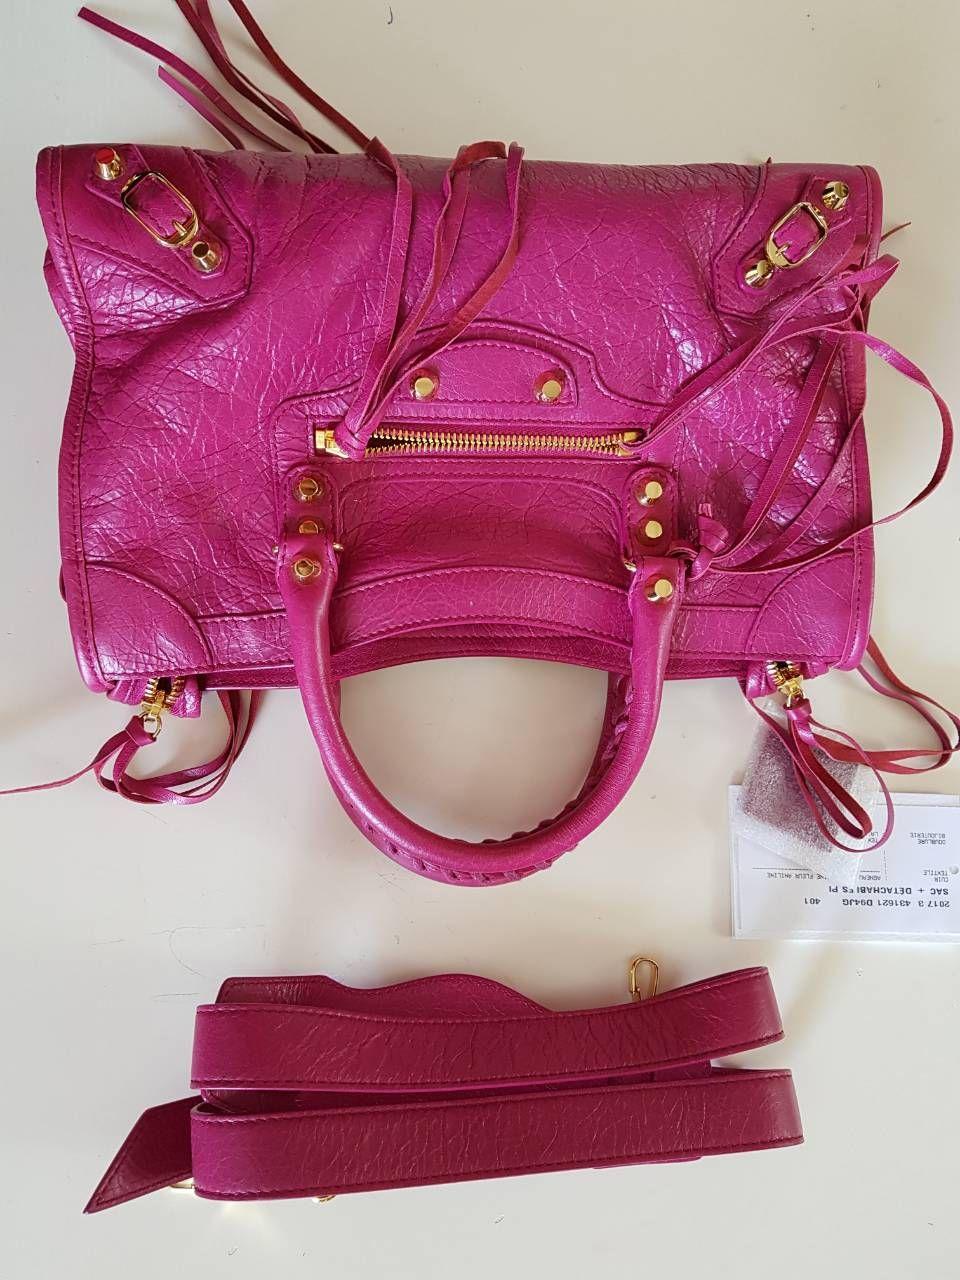 Authentic Balenciaga City Giant 21 Balenciaga Bag Balenciaga